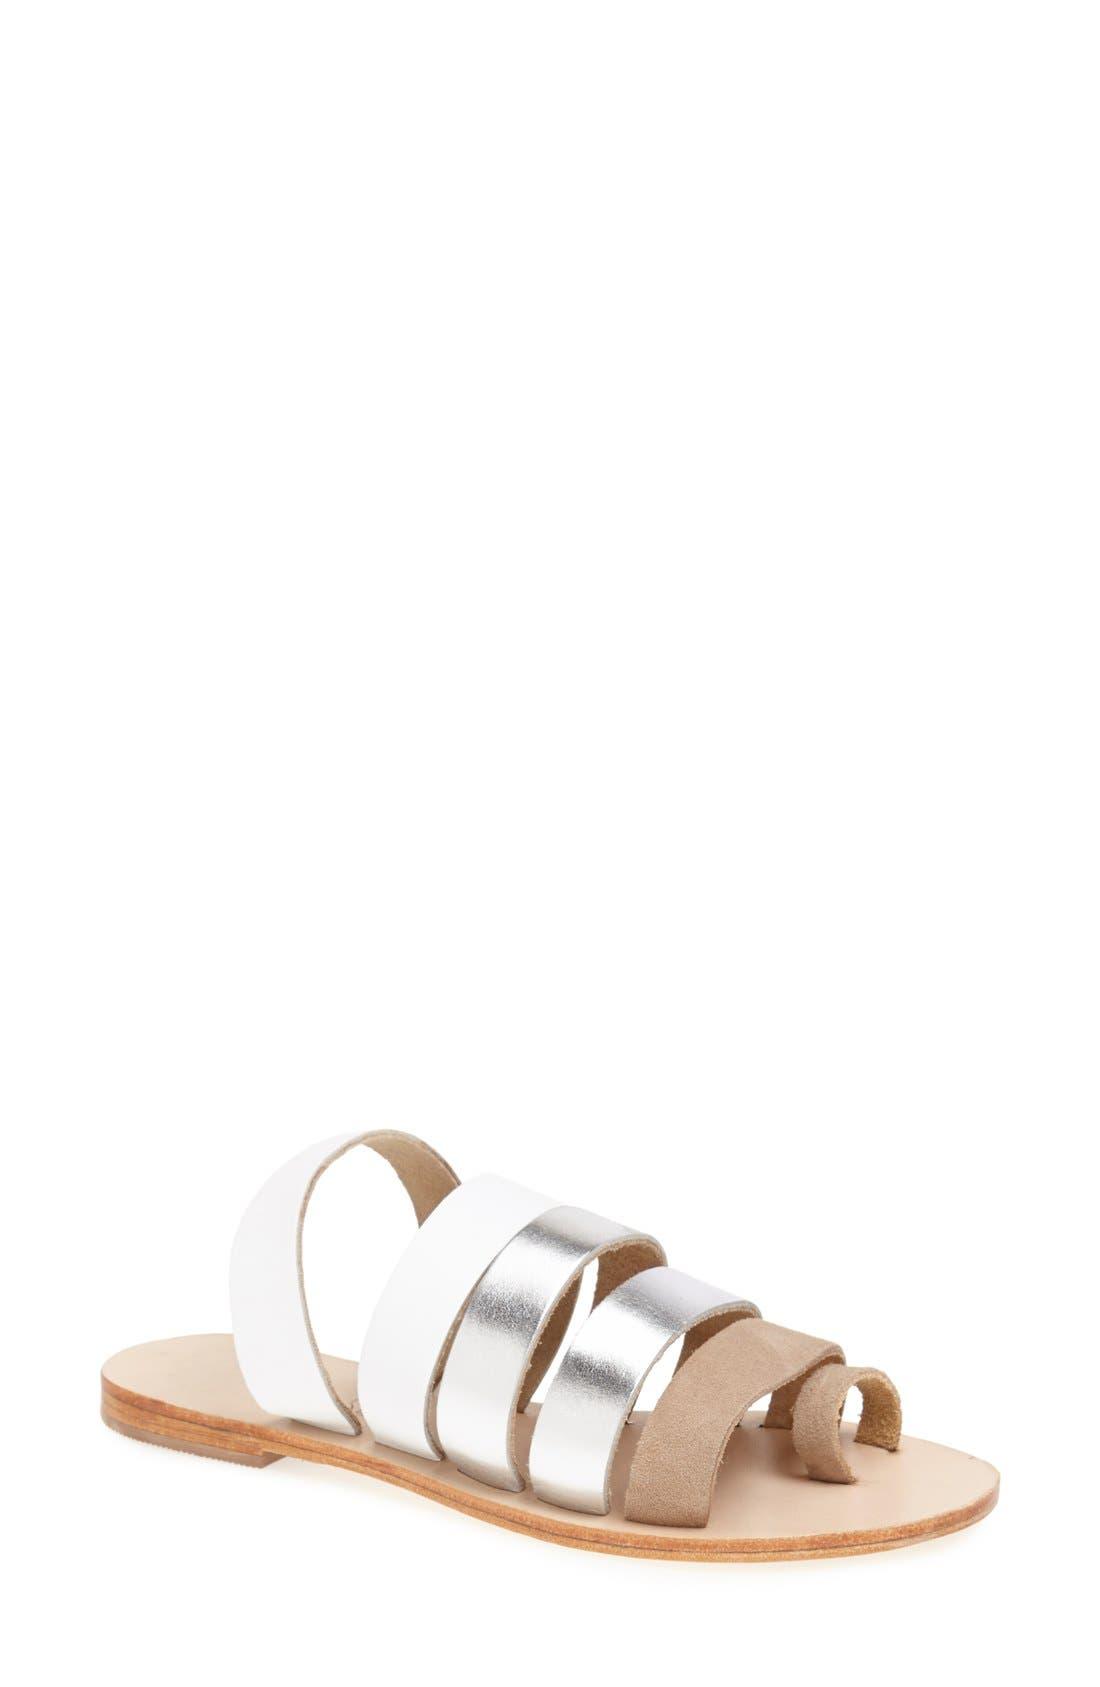 Alternate Image 1 Selected - Sol Sana 'Ayden' Sandal (Women)